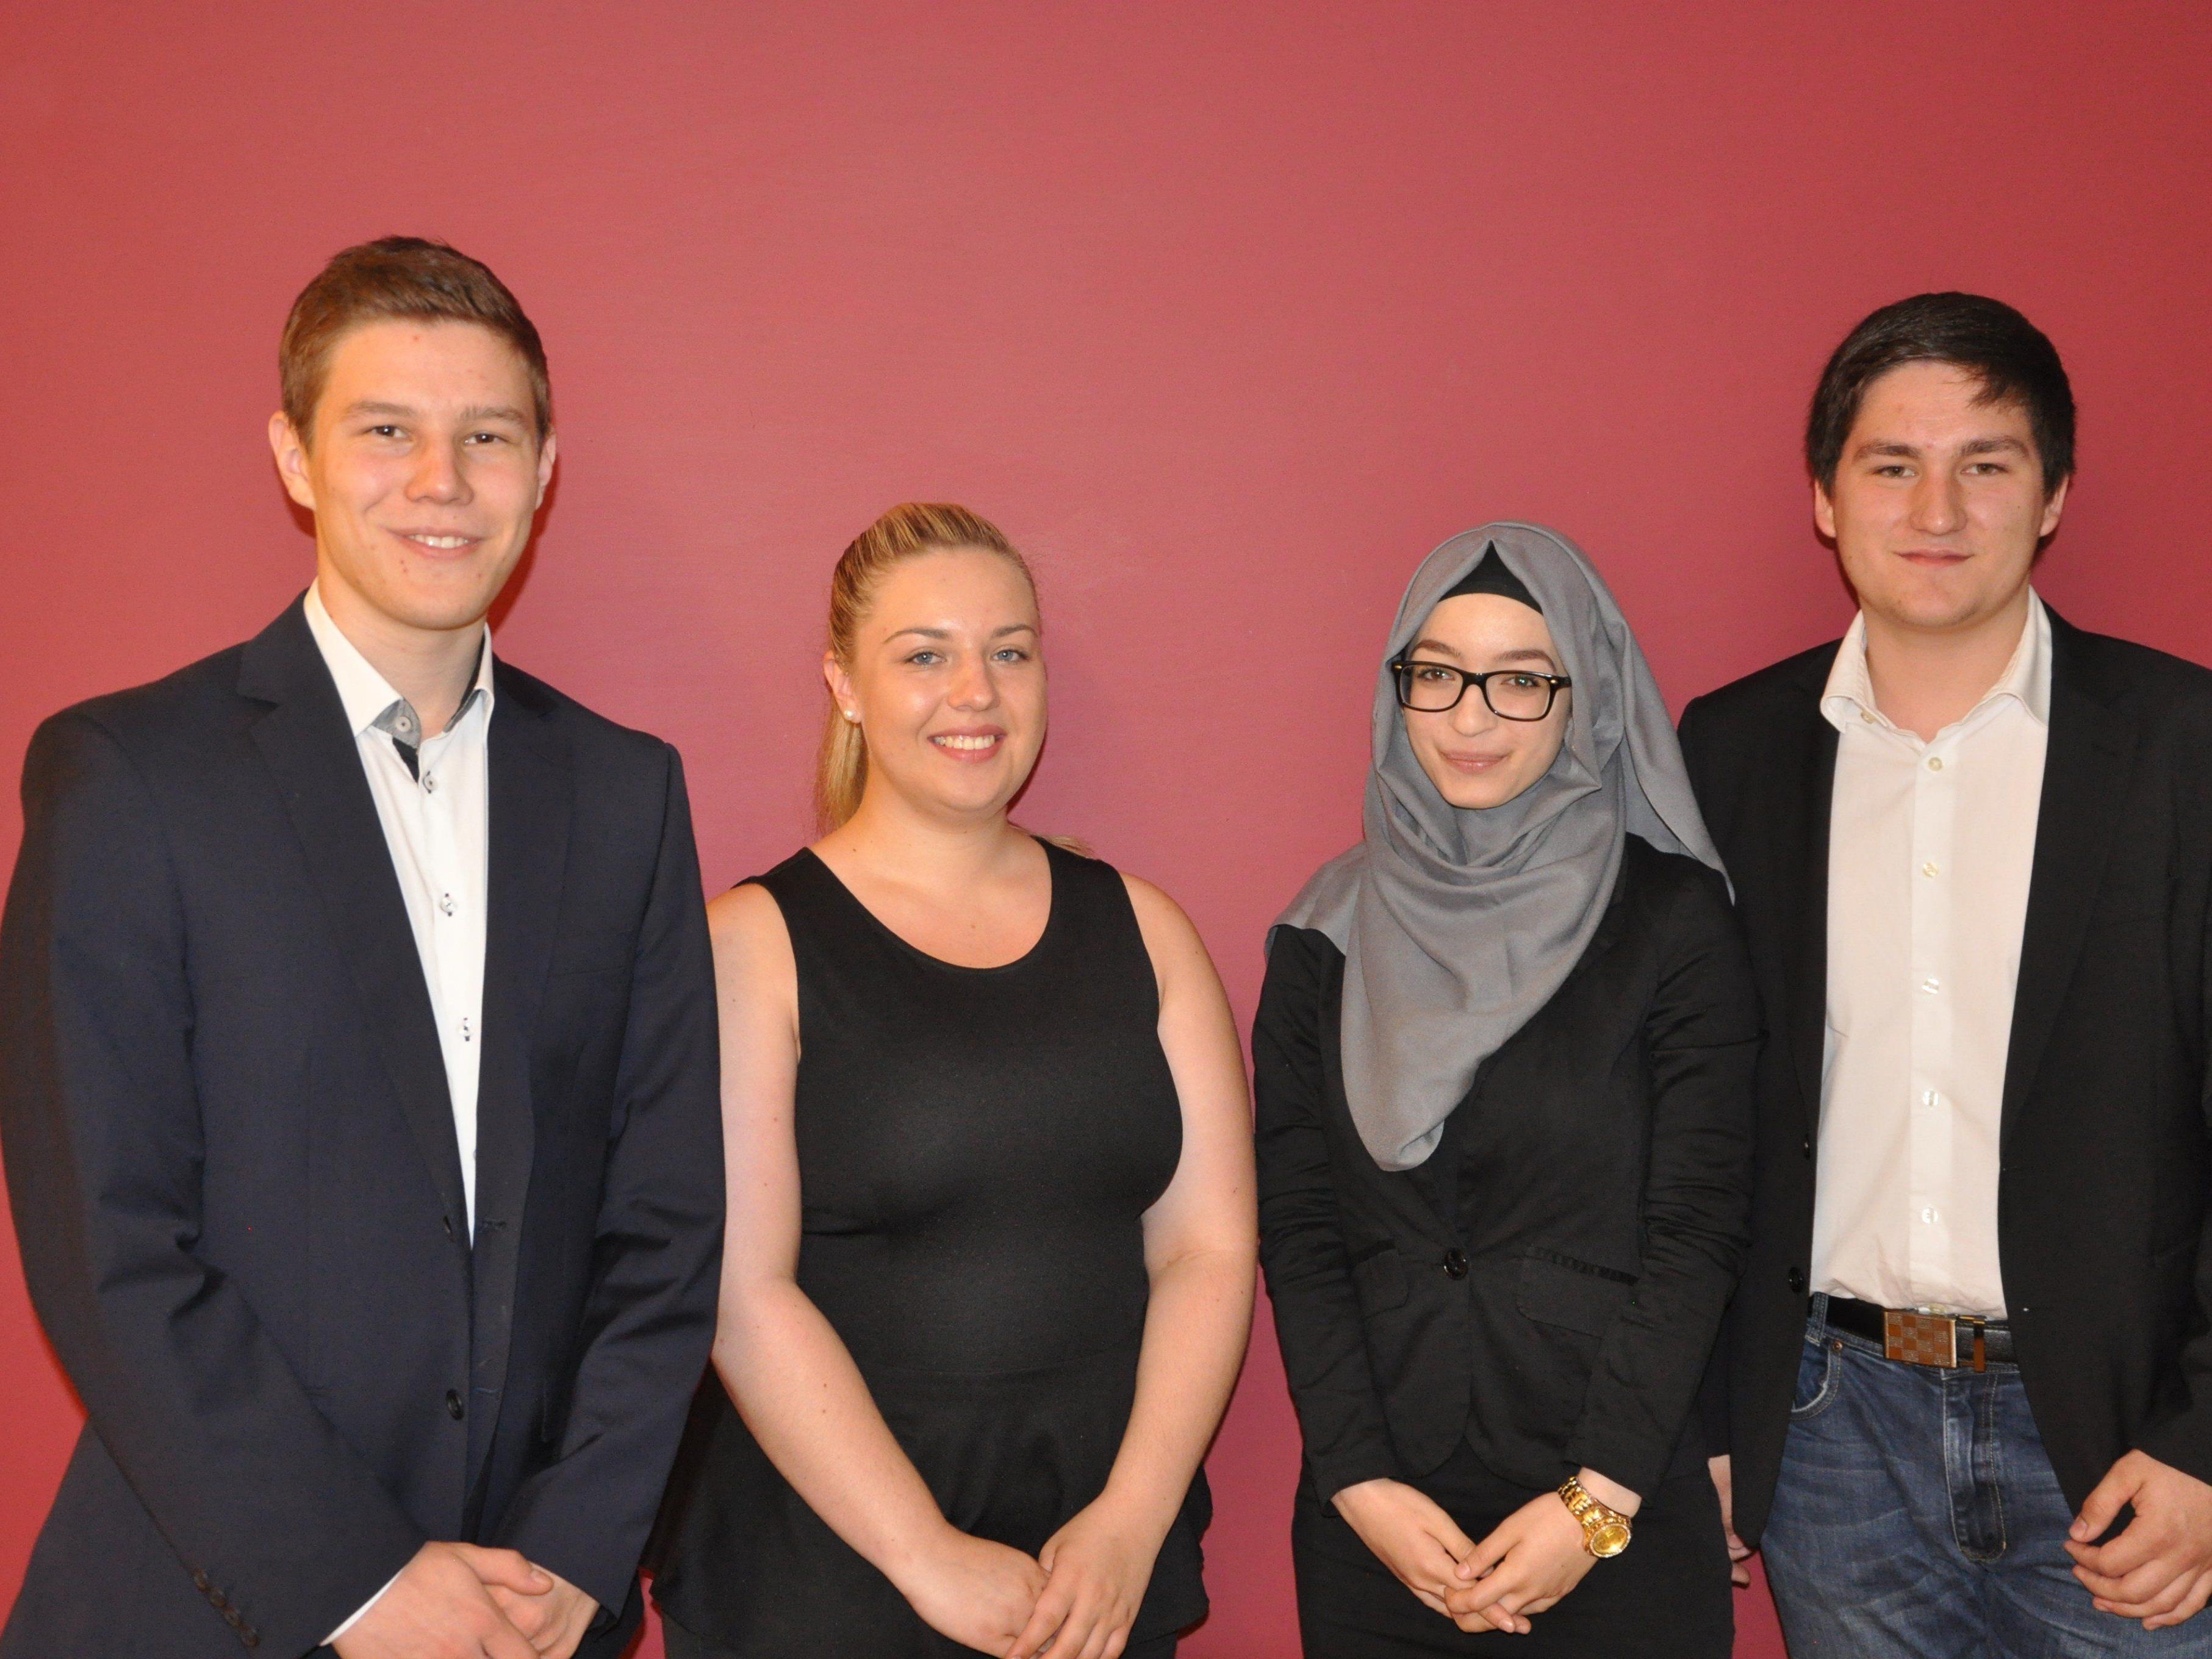 David Röhrich, Elena Mathis, Merve Savgin und Patrick Reis (v.l.) präsentierten ihr Matura Projekt